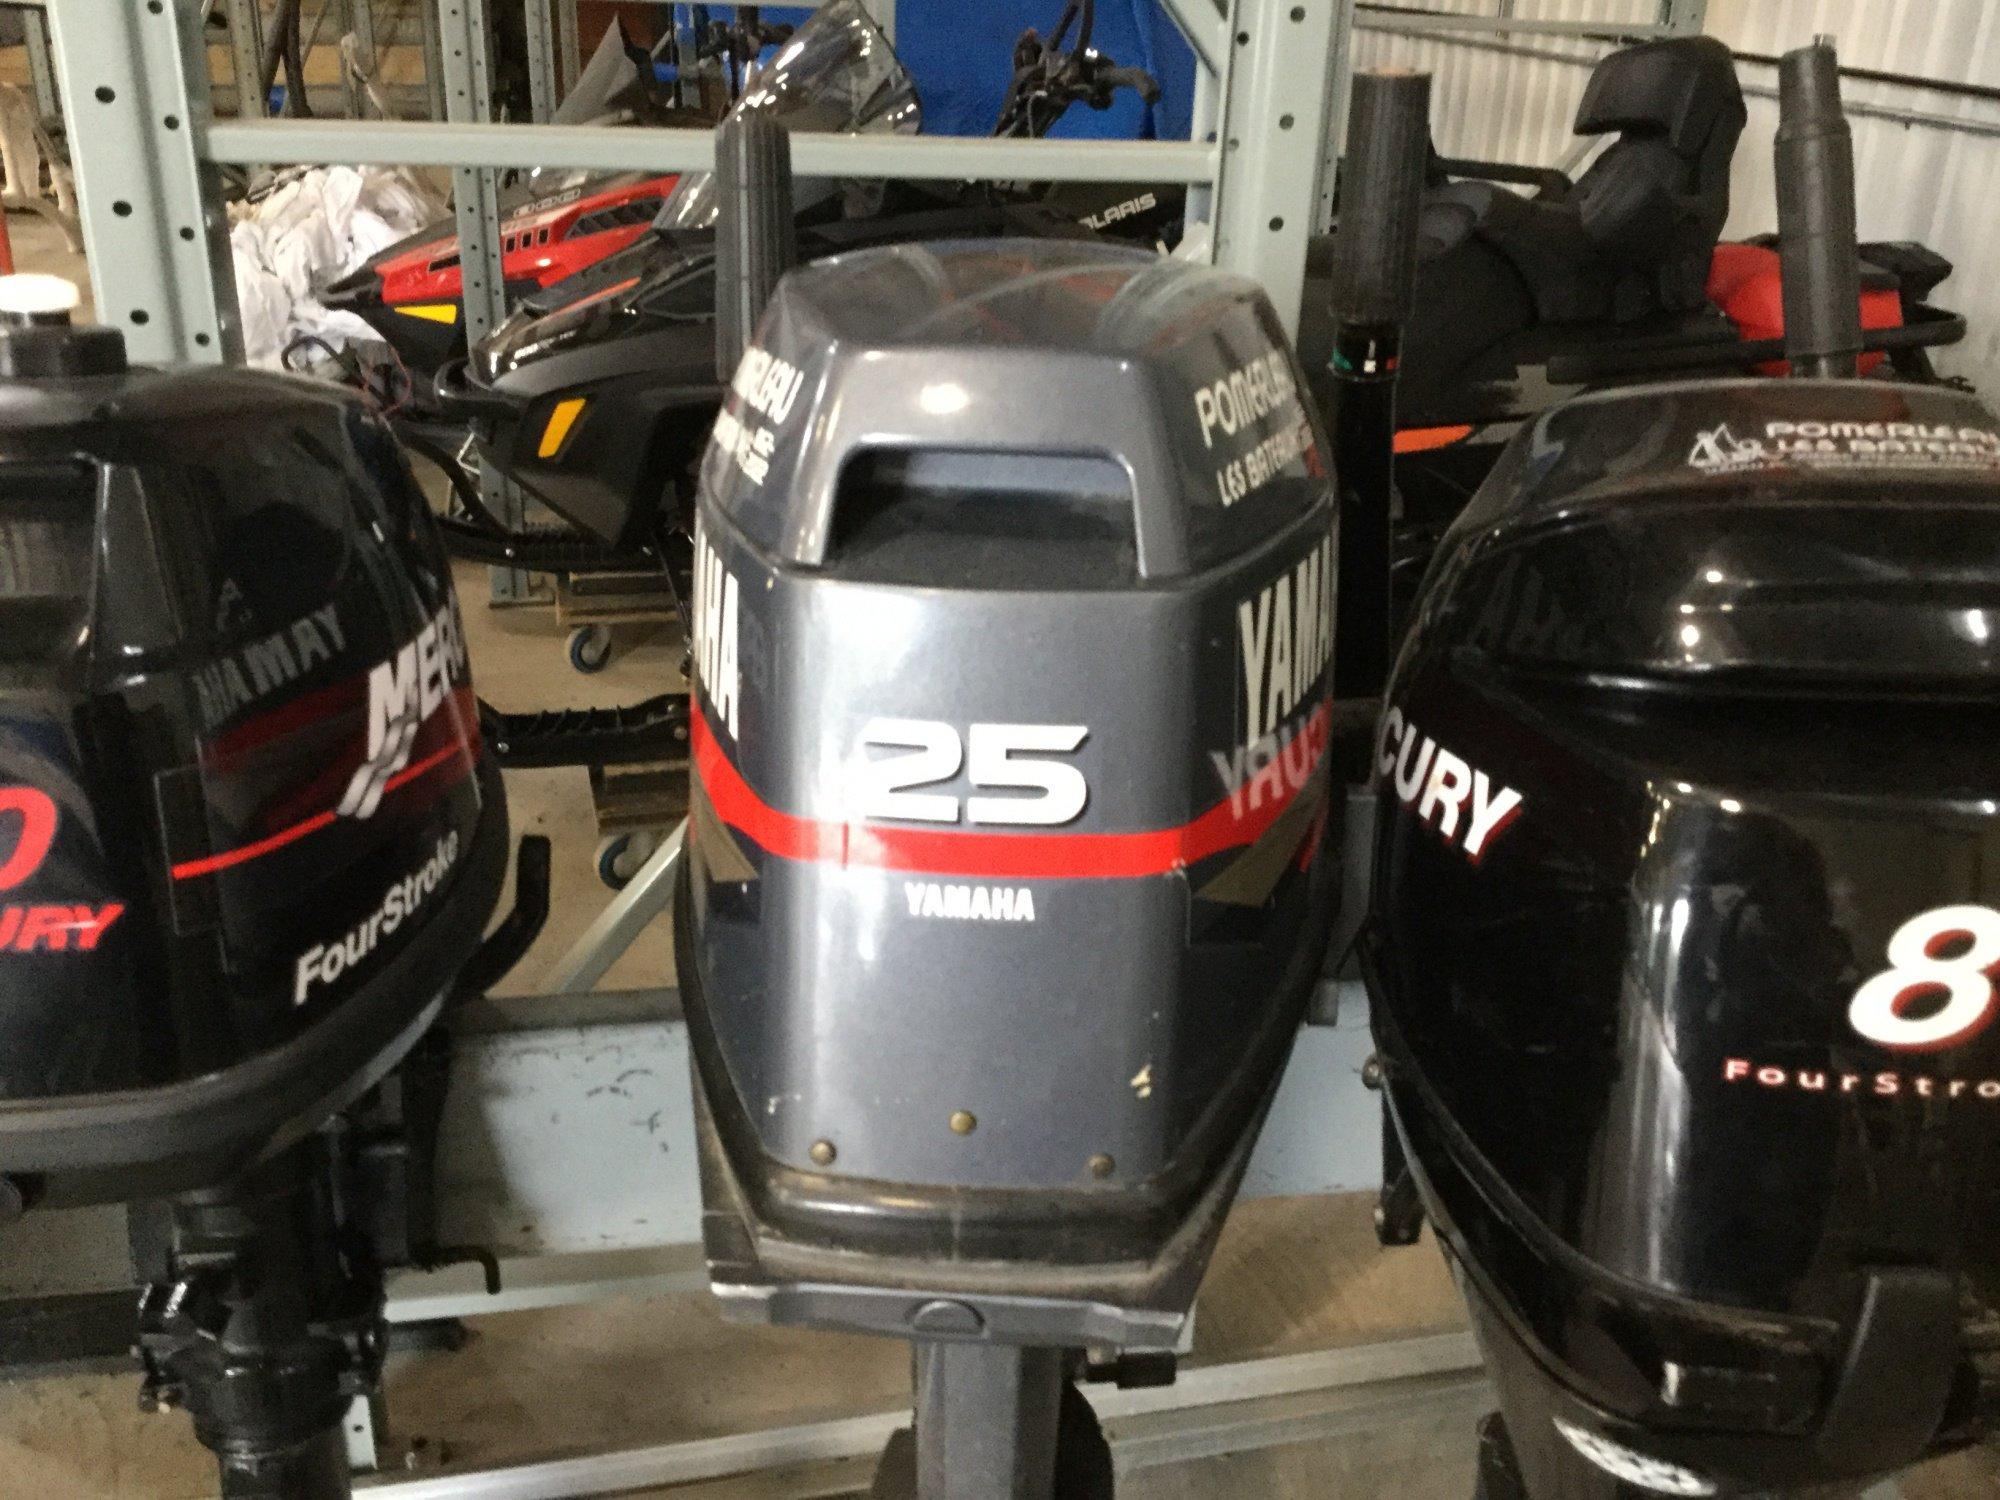 Yamaha 25 Tiller - IMG_1641